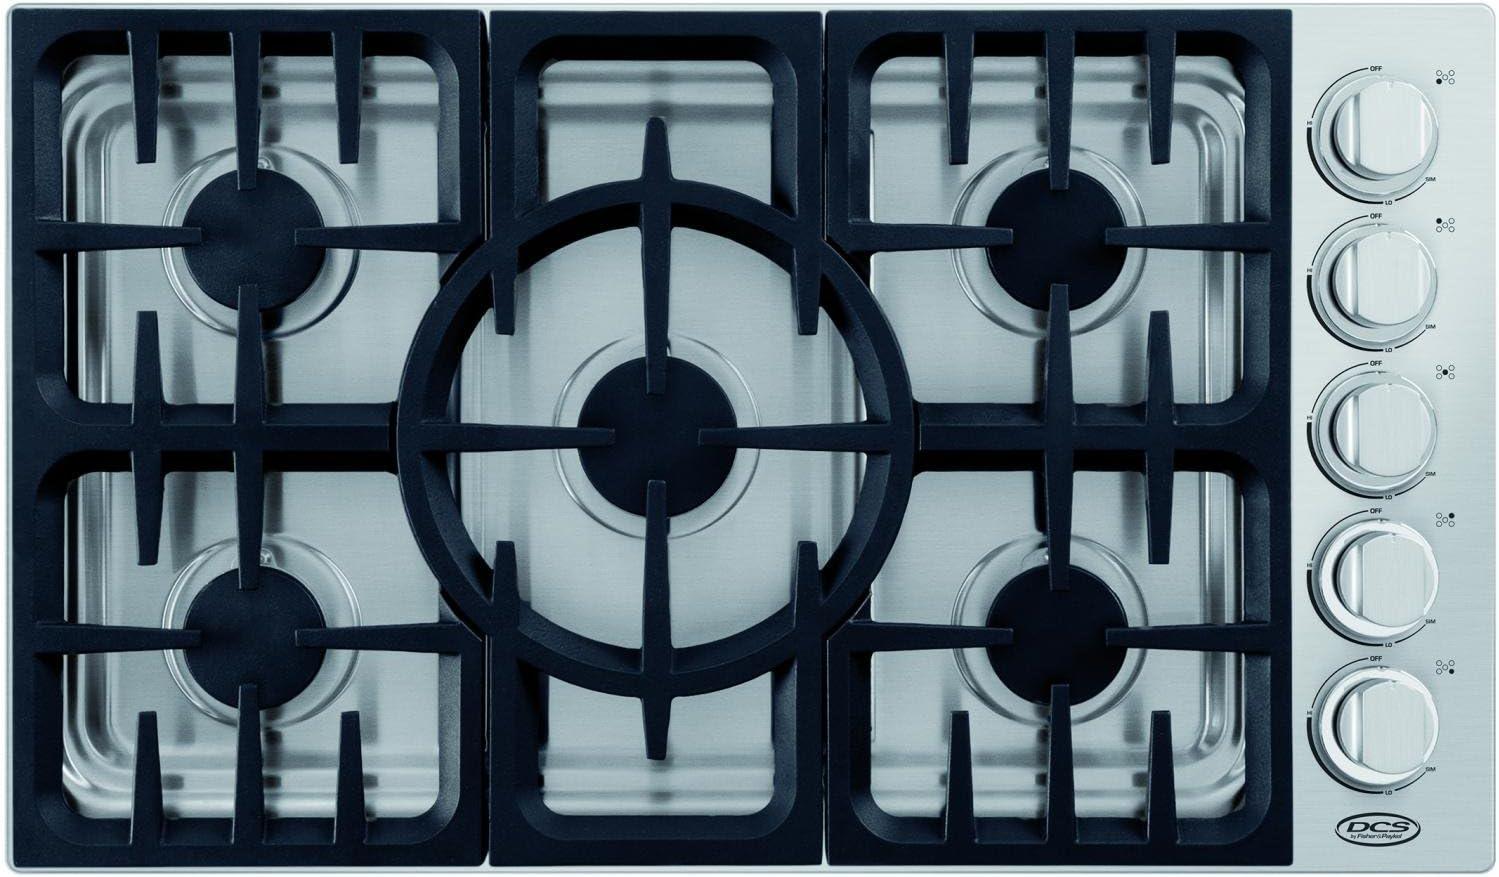 DCS CDV365N 36 Stainless Steel Gas Sealed Burner Cooktop